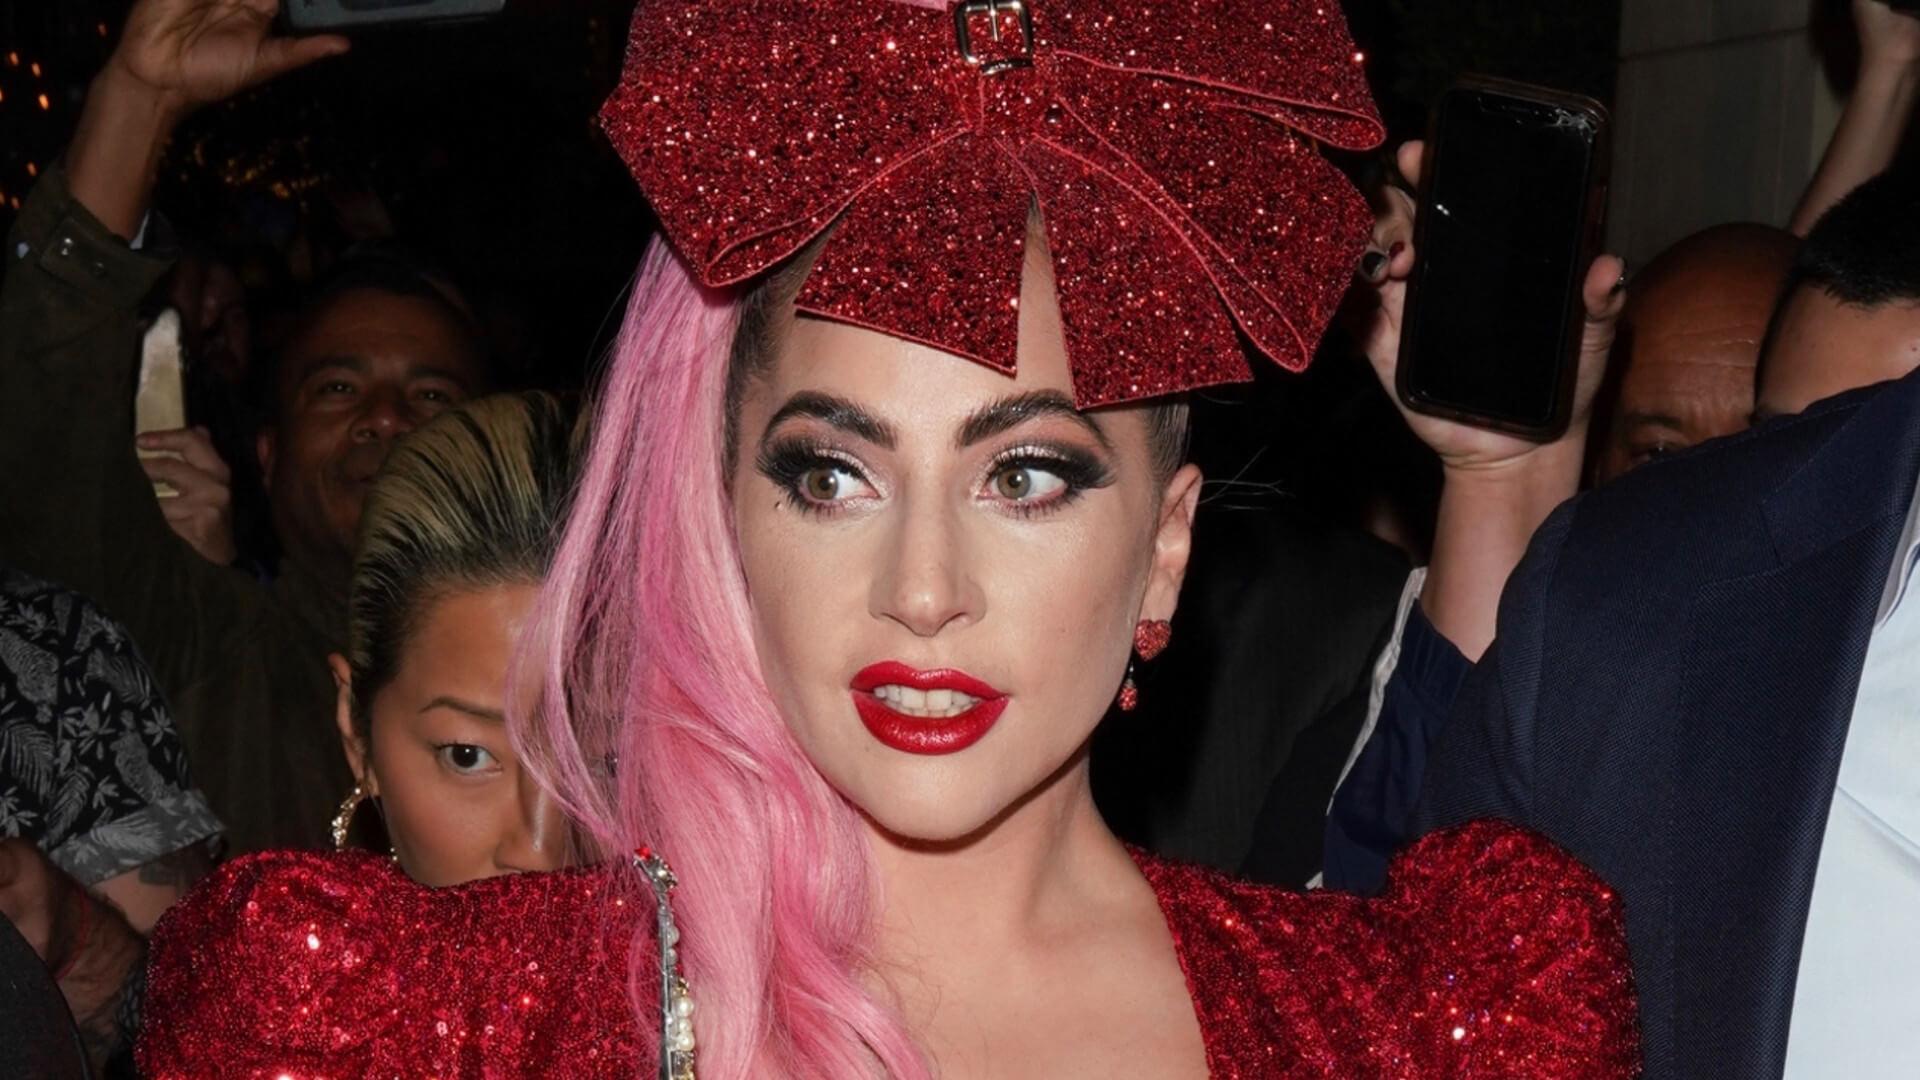 Lady Gaga zdradziła, że marzy o tym, by być żoną i matką